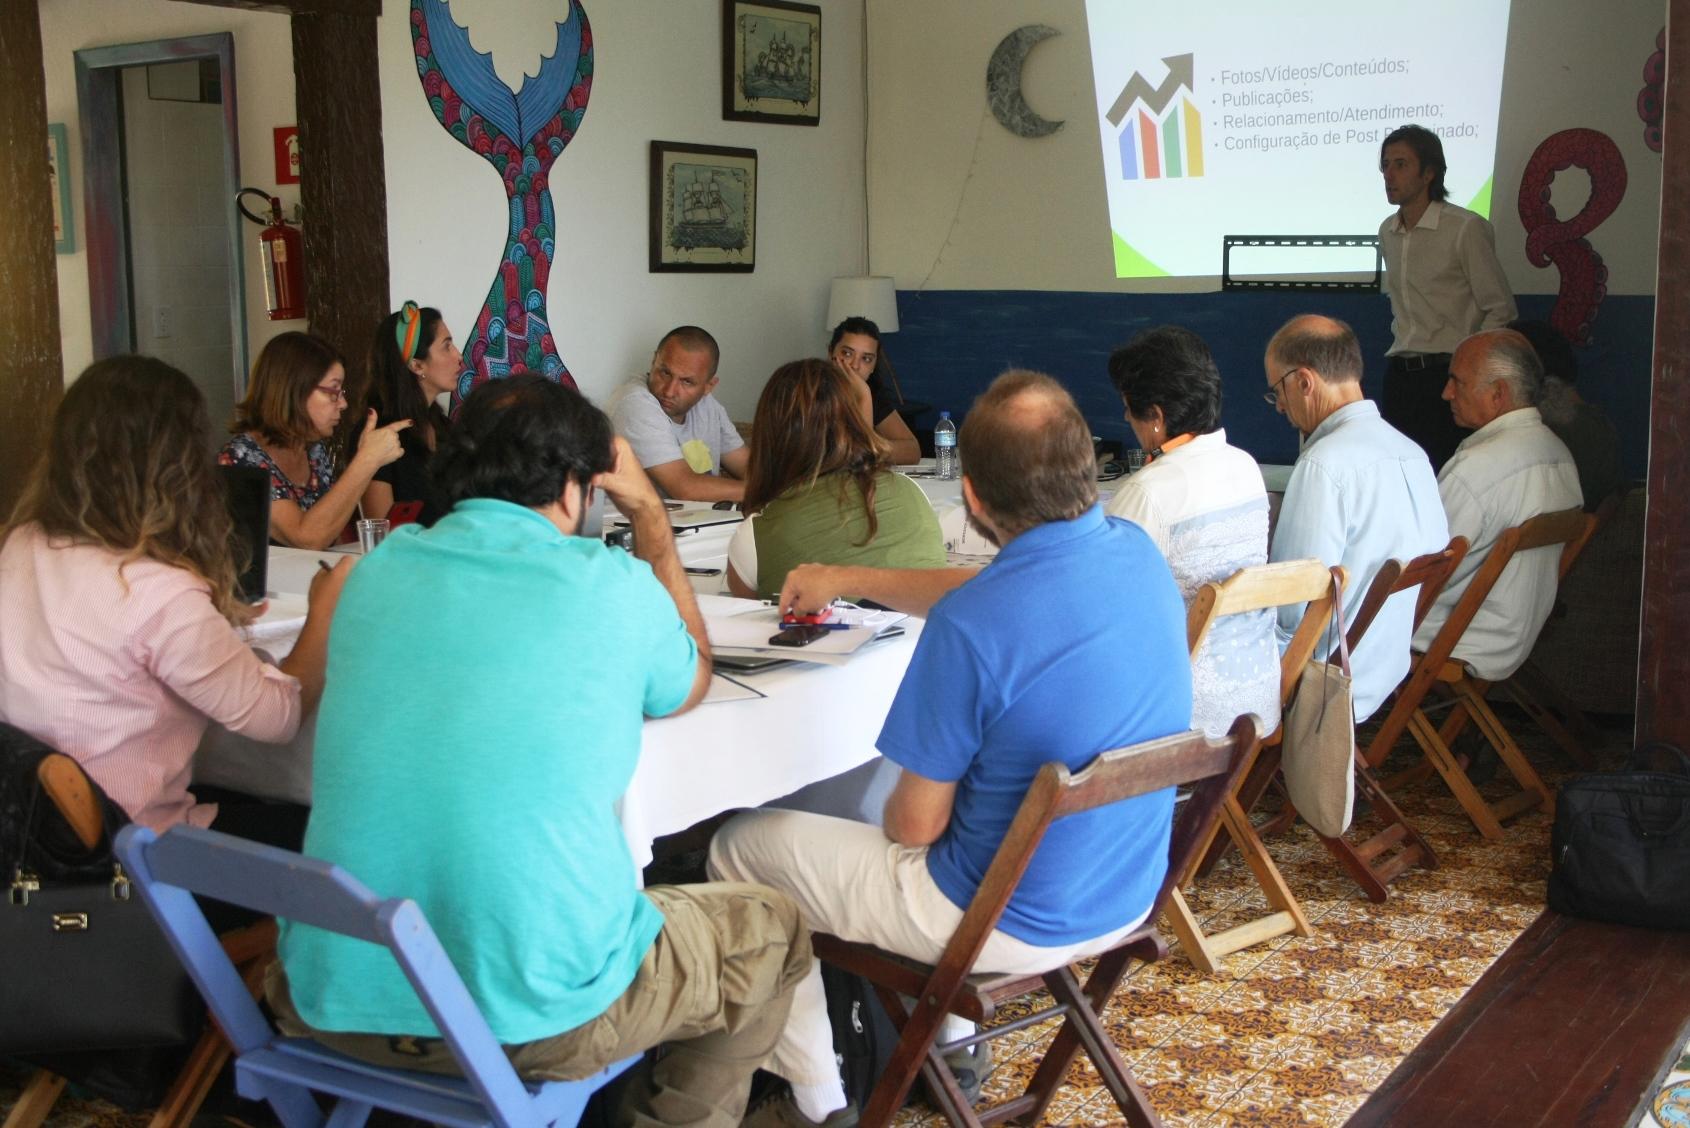 workshop em mídias sociais - para hospedagem - ilhabela - agencia digital tec triade brasil